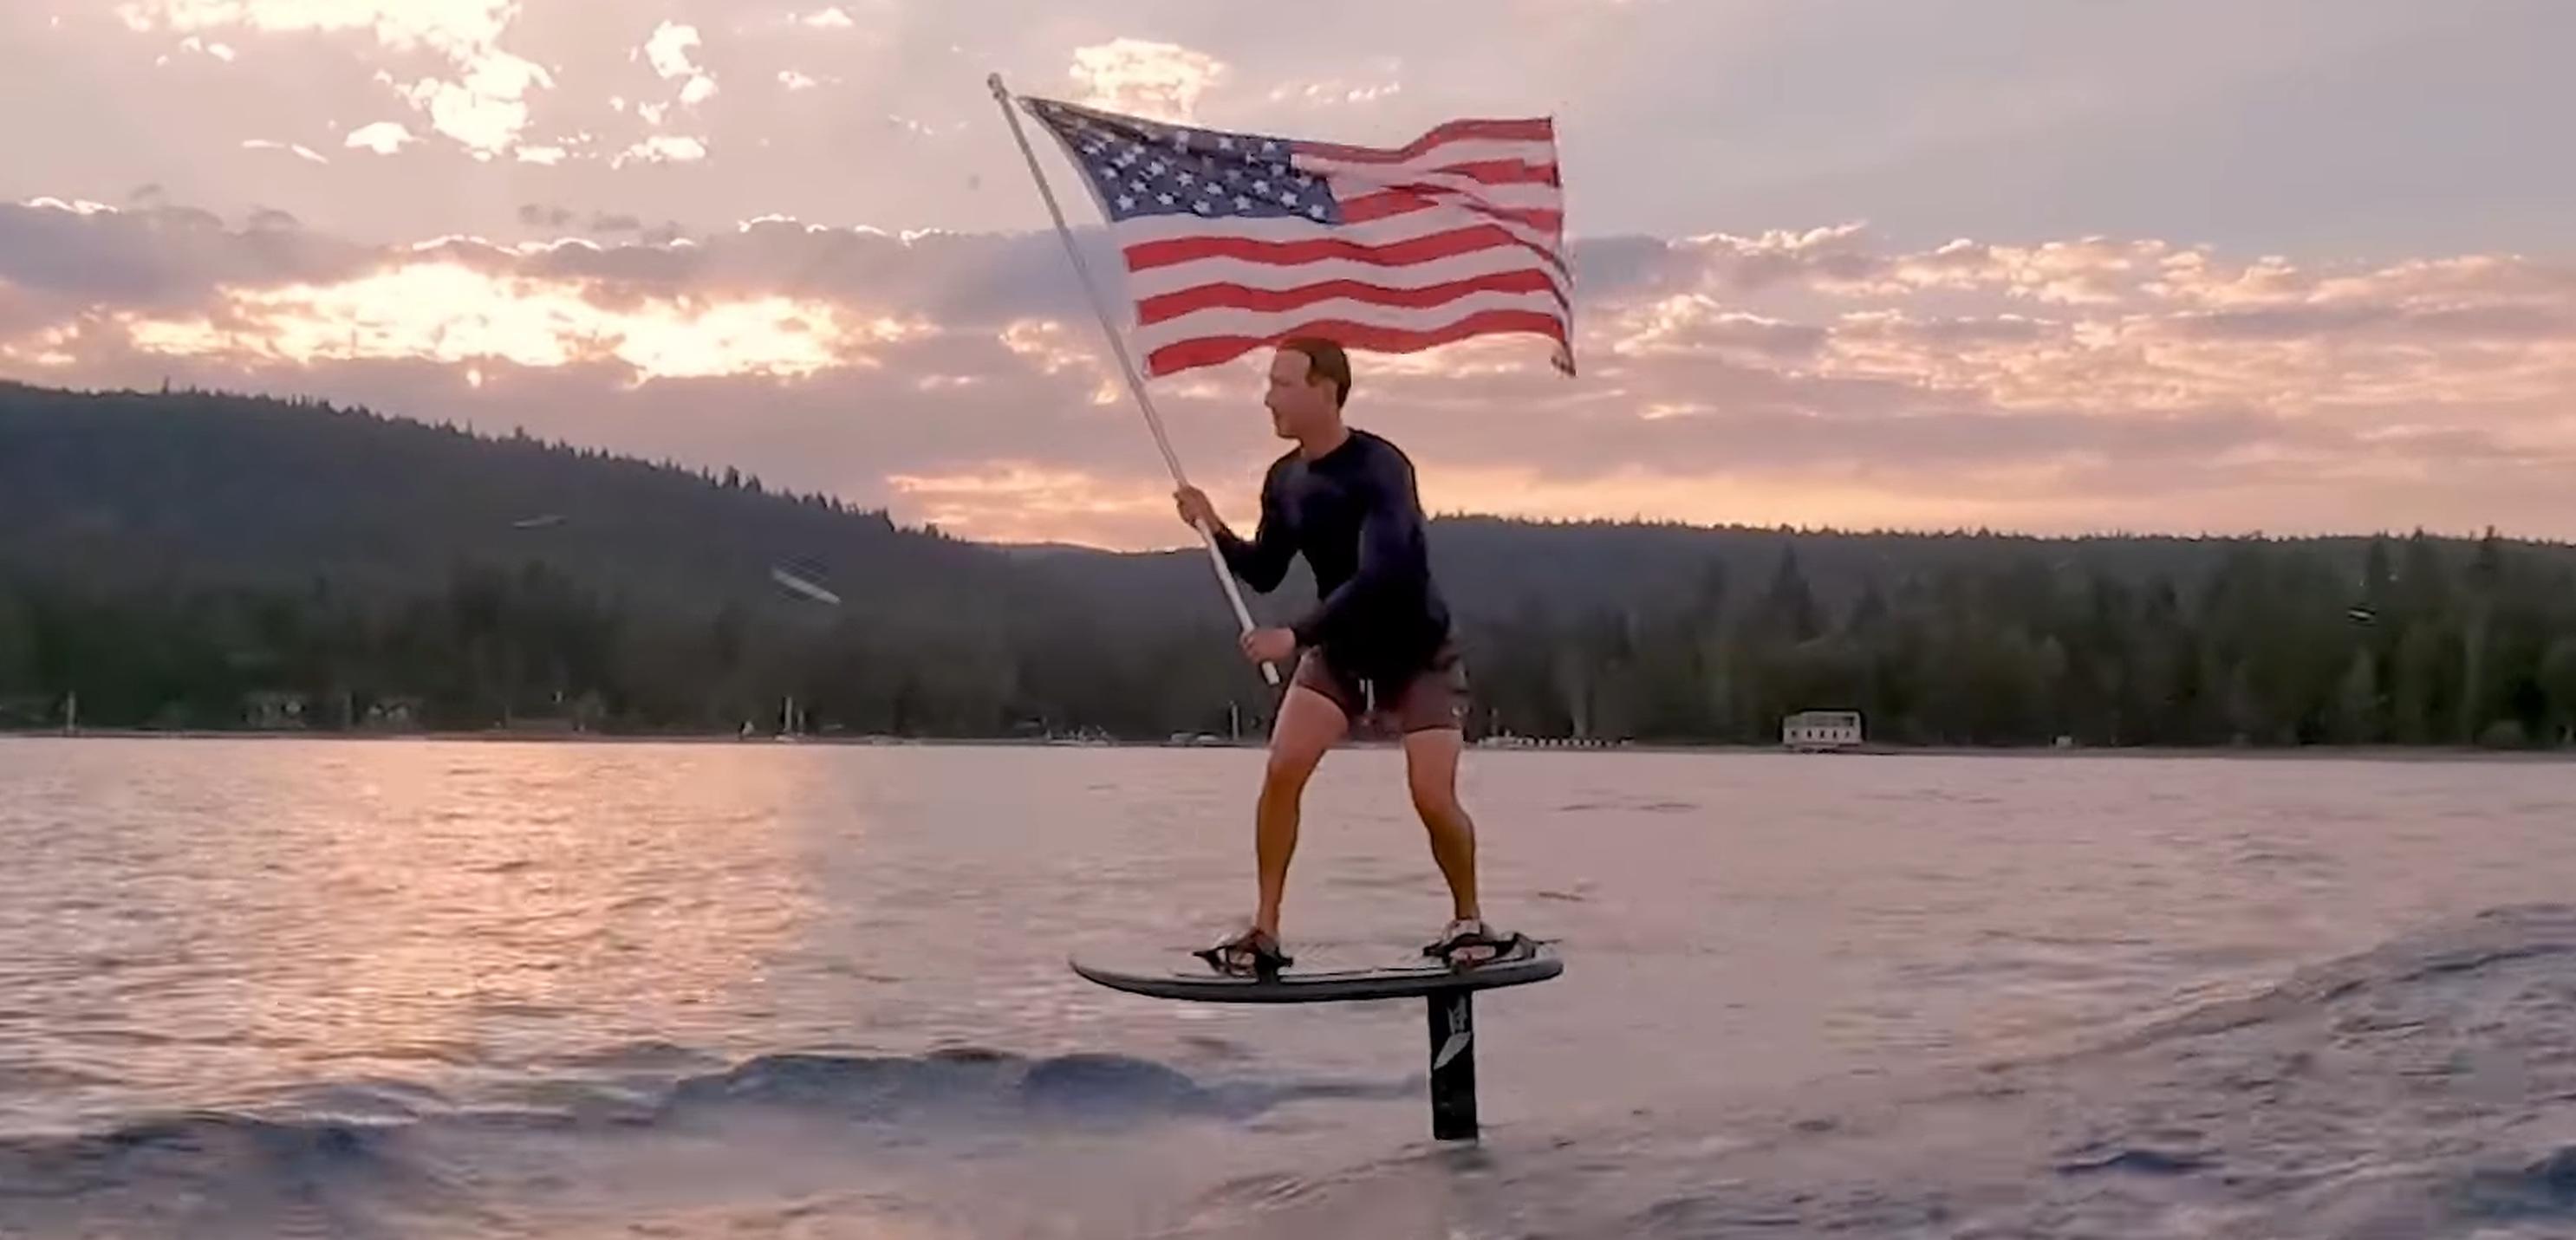 VIDEO  Mark Zuckerberg sărbătorește Ziua Americii pe o placă electrică de surf în valoare de 12.000 de dolari